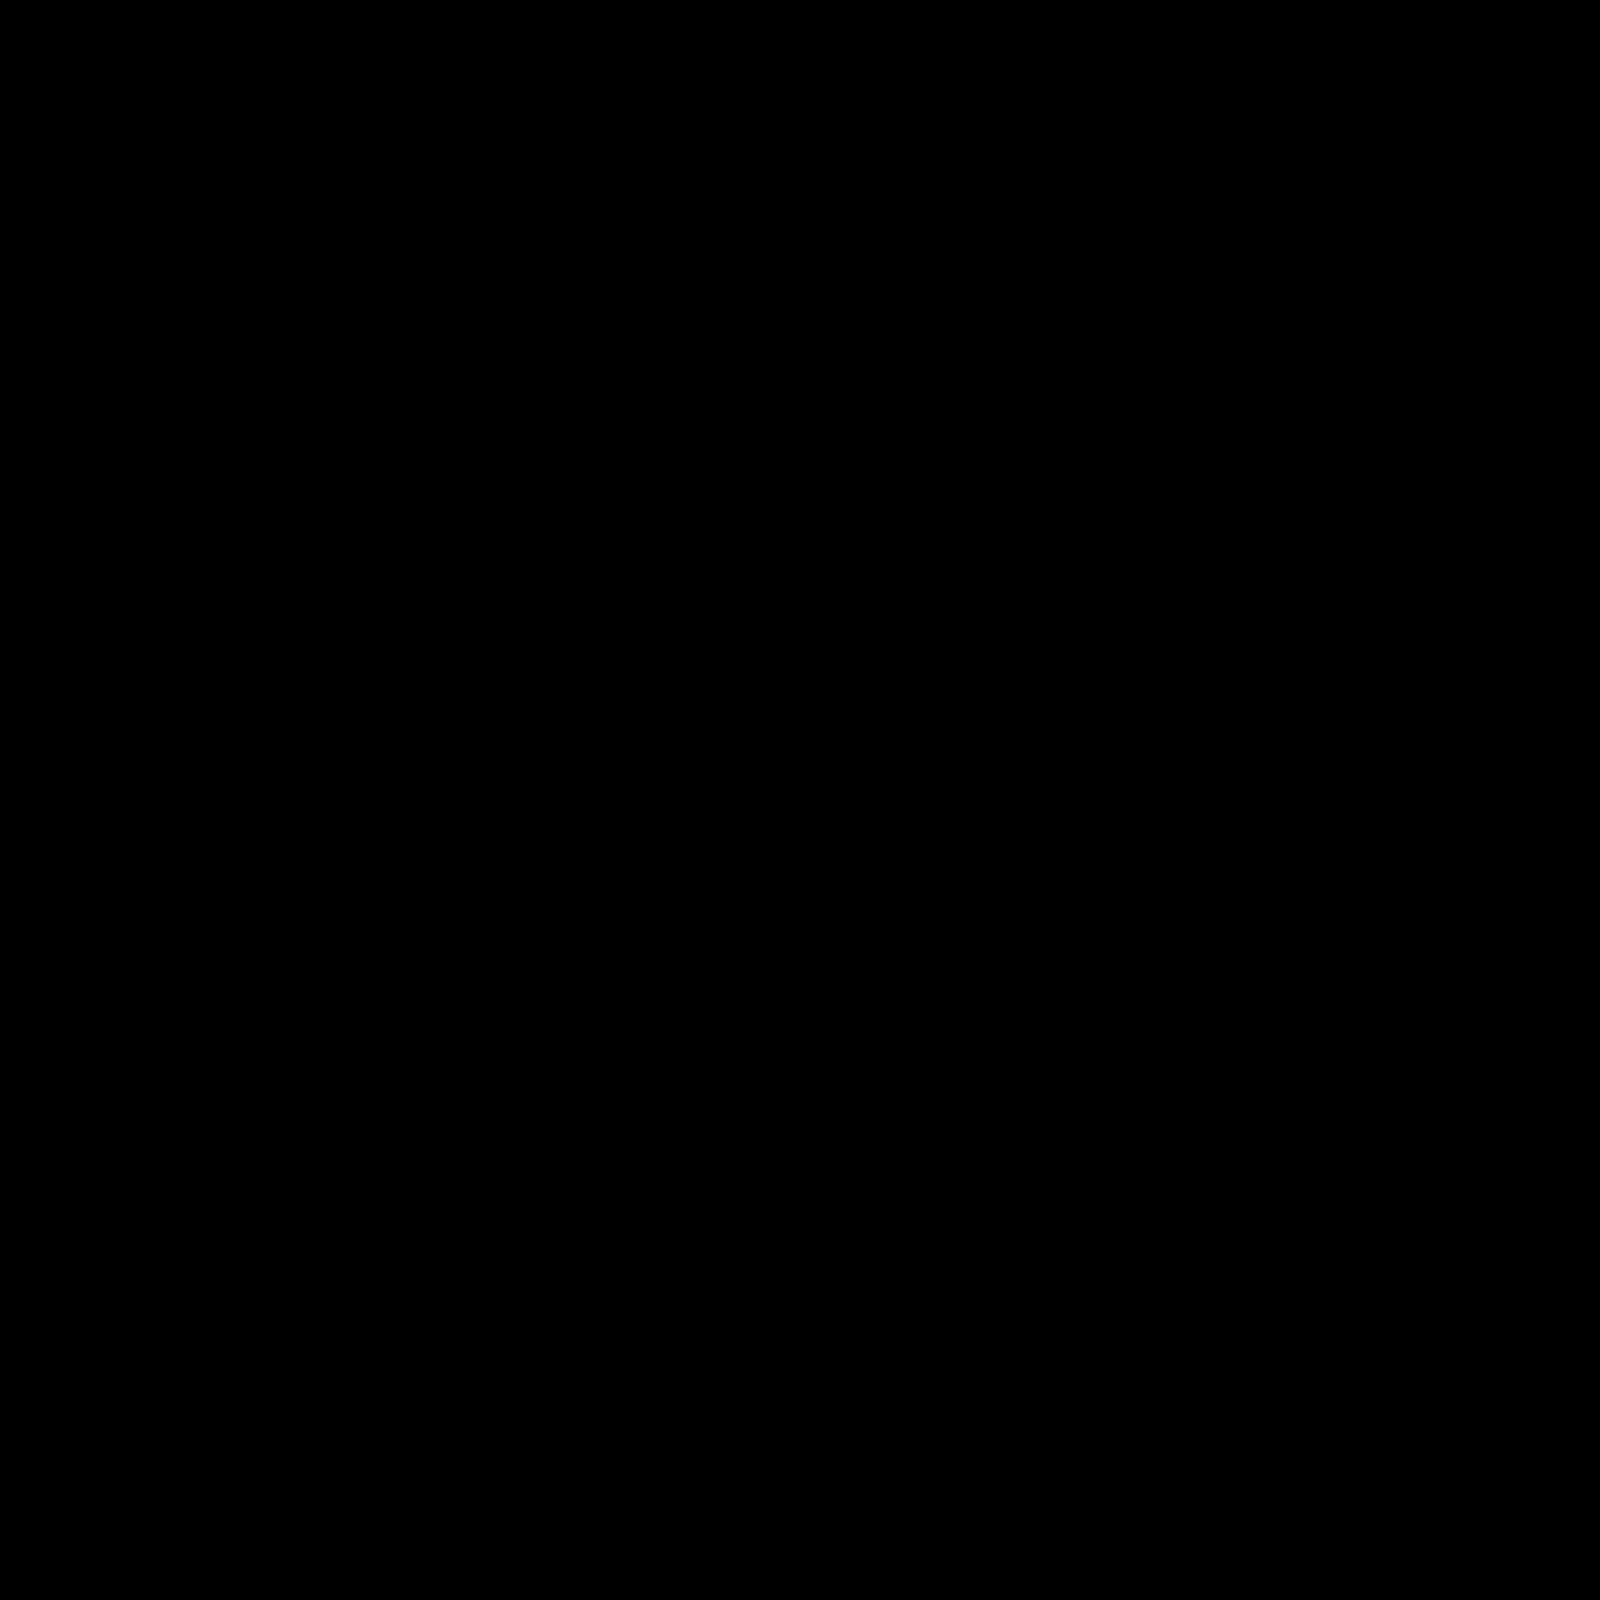 Rapport d'activité icon